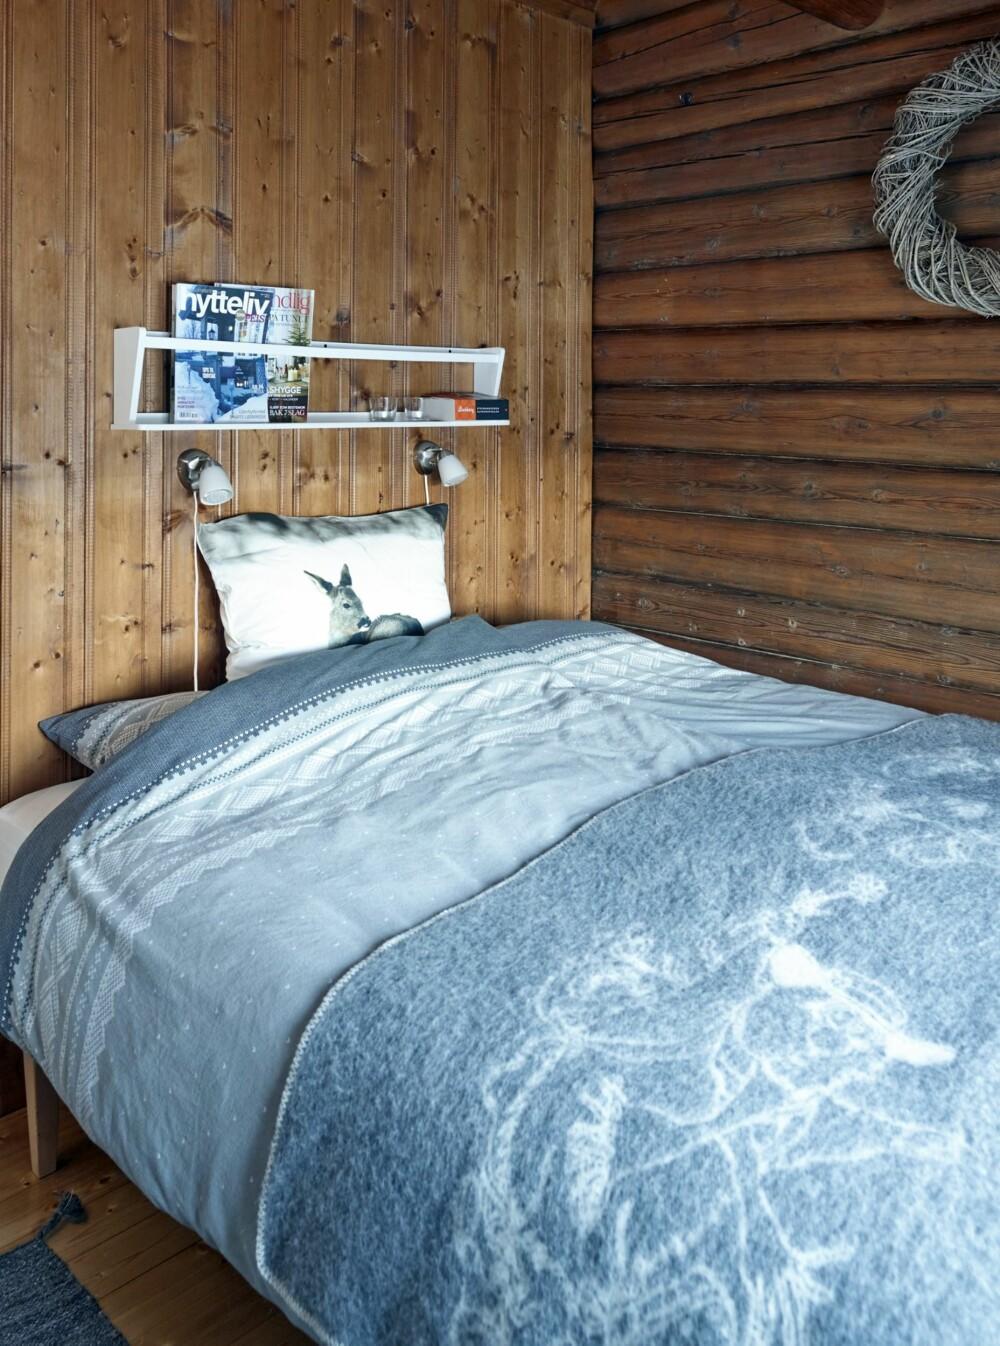 Sjarmerende: Det er foreløpig bare ett soverom i hytta. Planen er å flytte kjøkkenet slik at de får en bedre arealutnyttelse og plass til et nytt soverom.